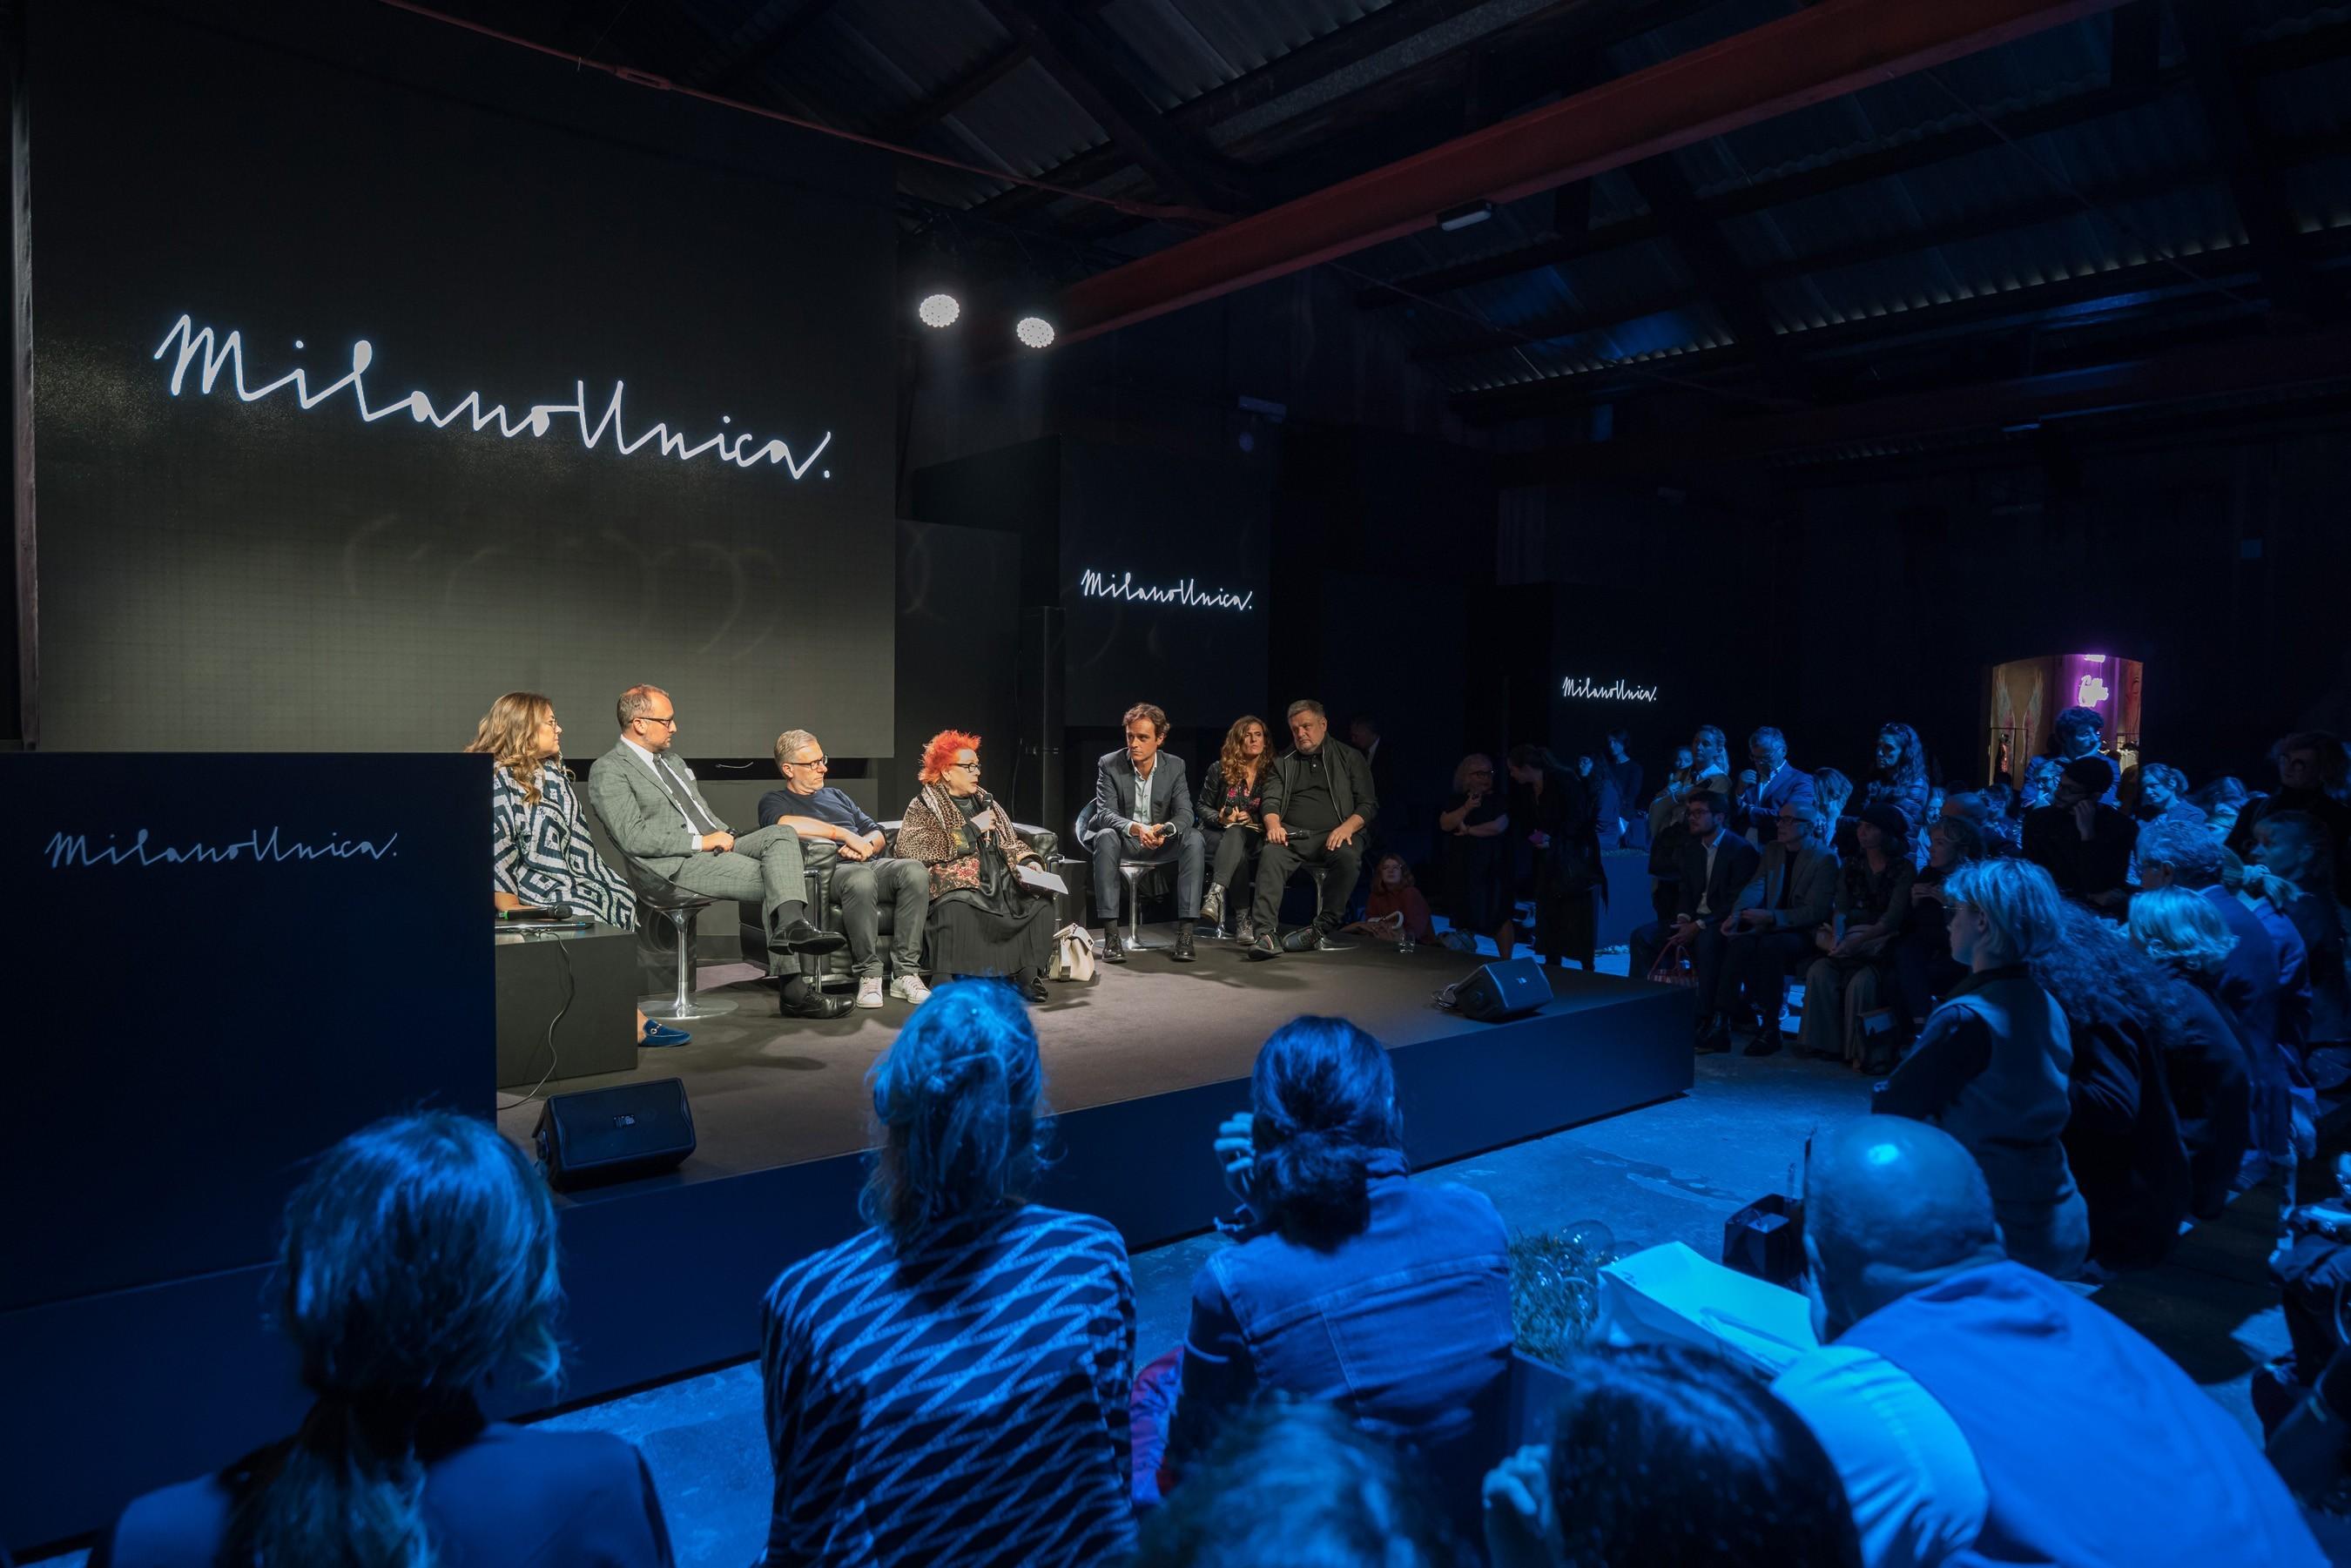 Milano Unica: La Sostenibilità Unisce Le Generazioni